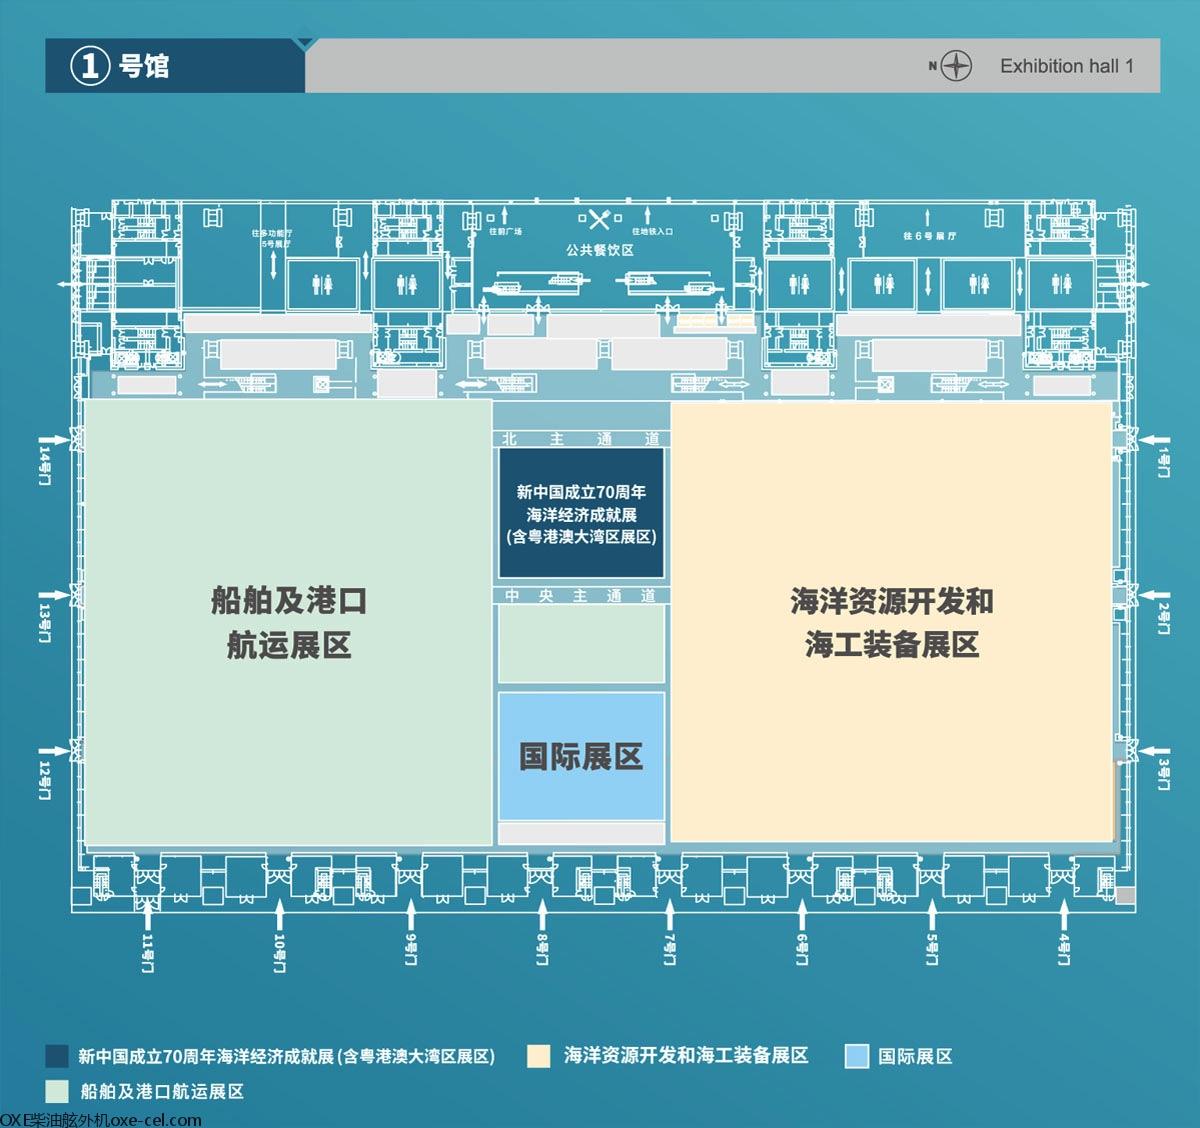 2019中国海洋经济博览会展馆